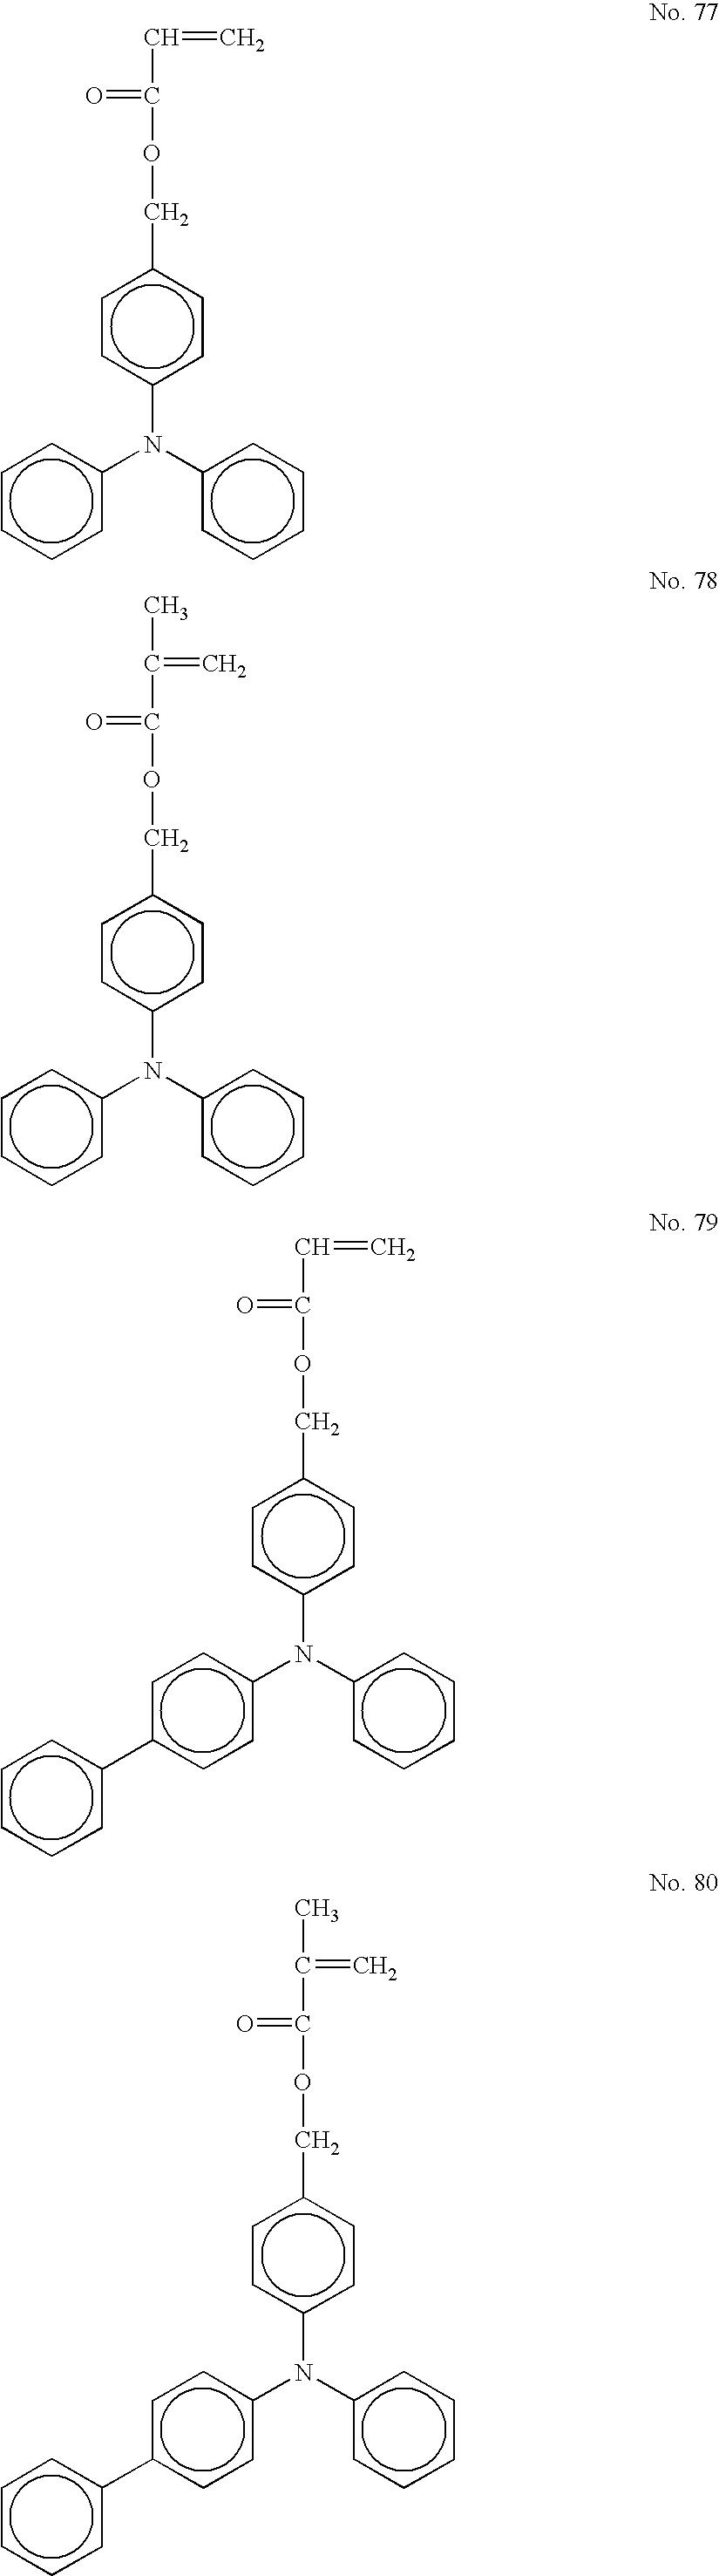 Figure US20060177749A1-20060810-C00042